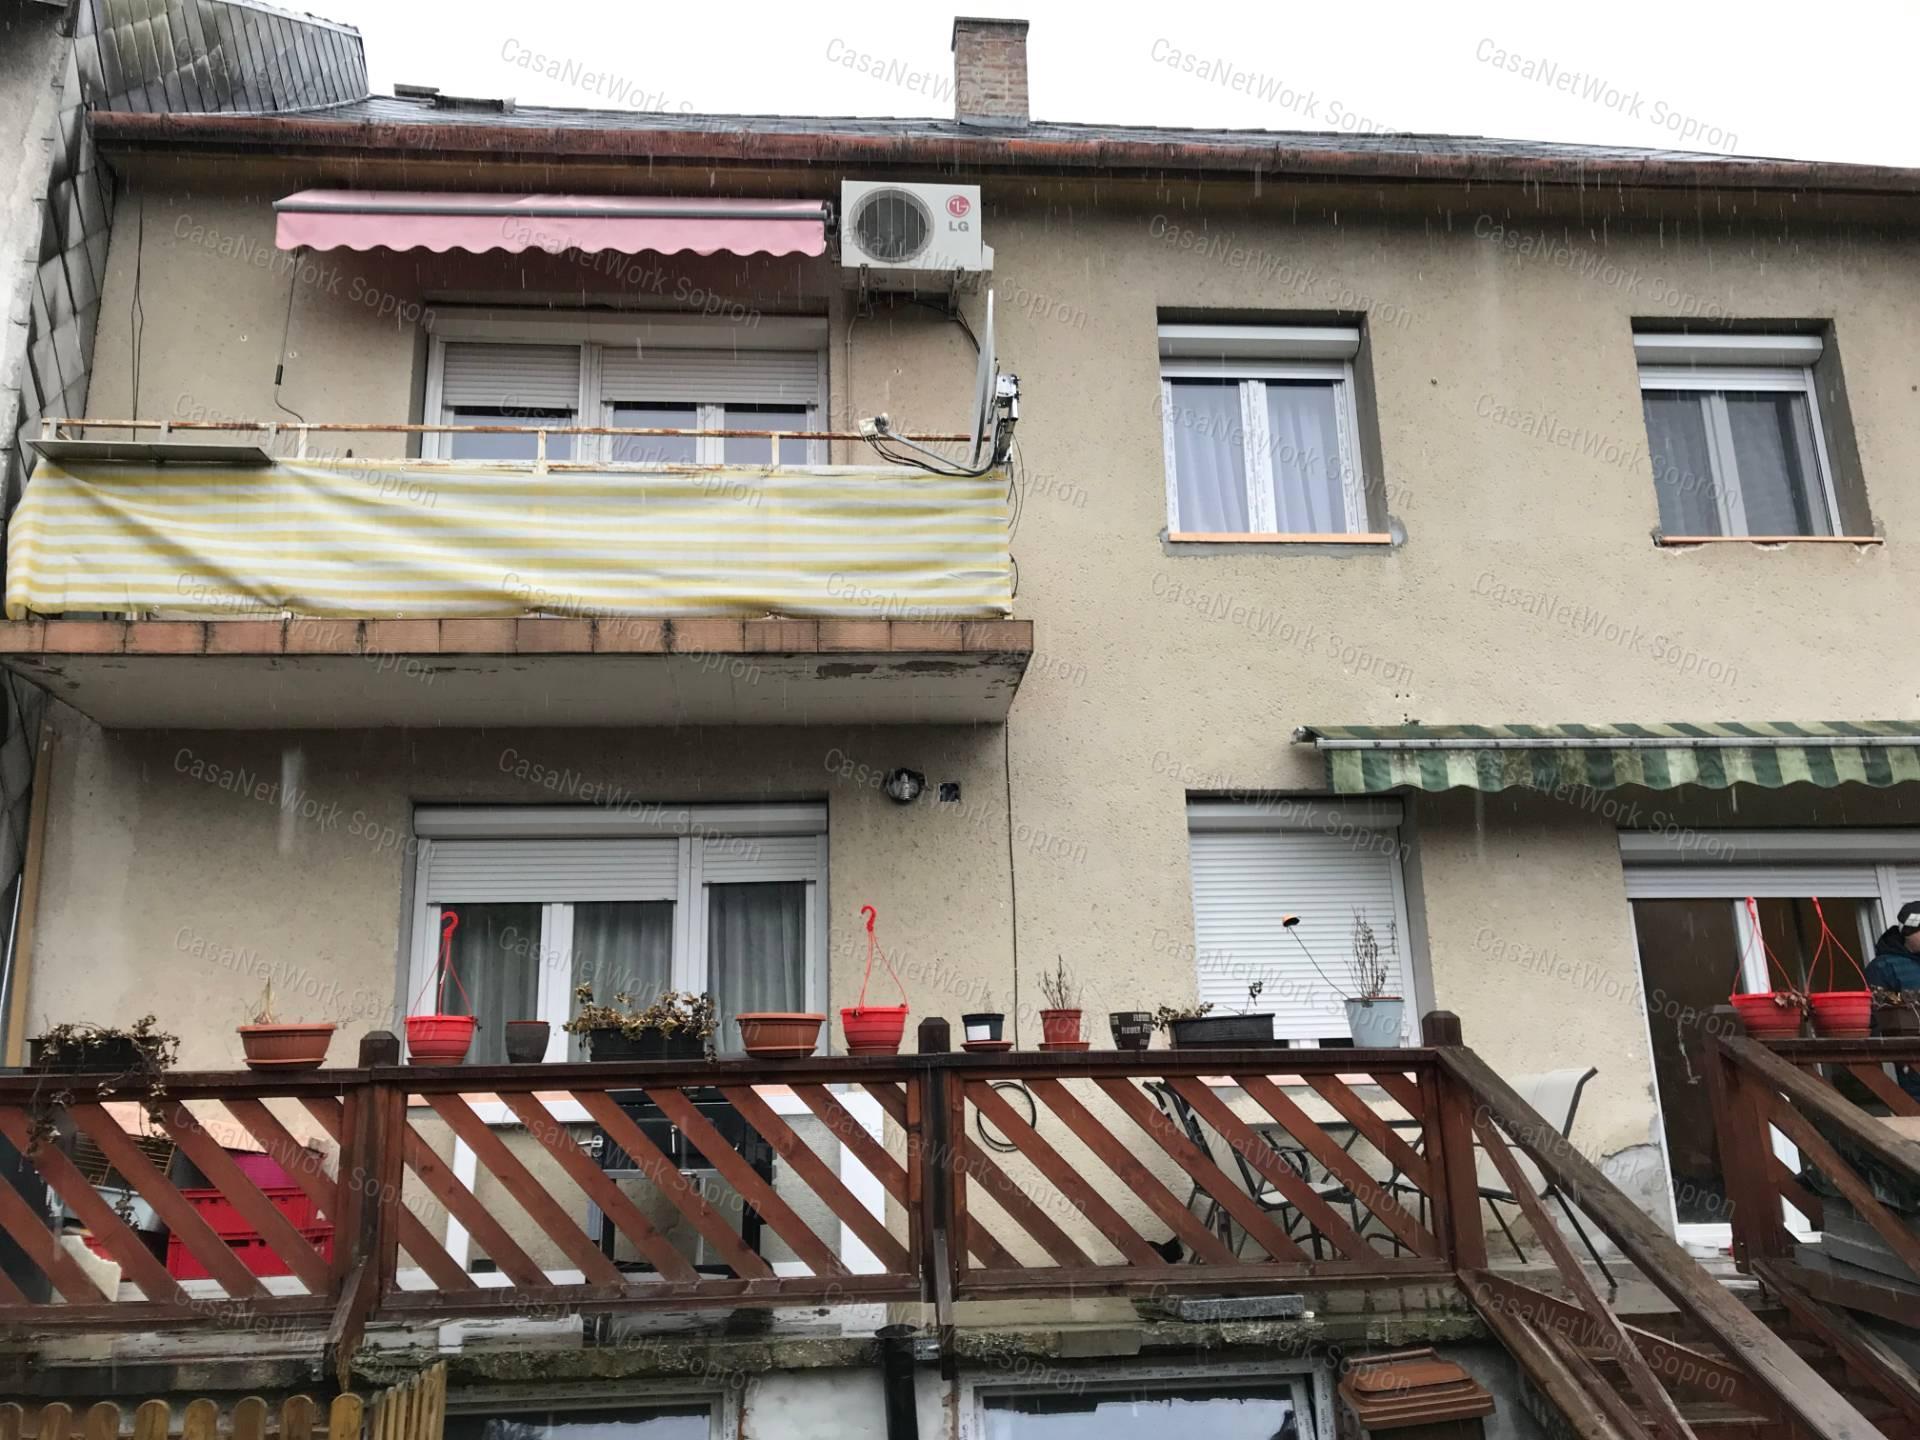 Eladó családi ház, Győr-Moson-Sopron megye, Sopron (Bánfalva) - sz.: 164301586 - CasaNetWork.hu